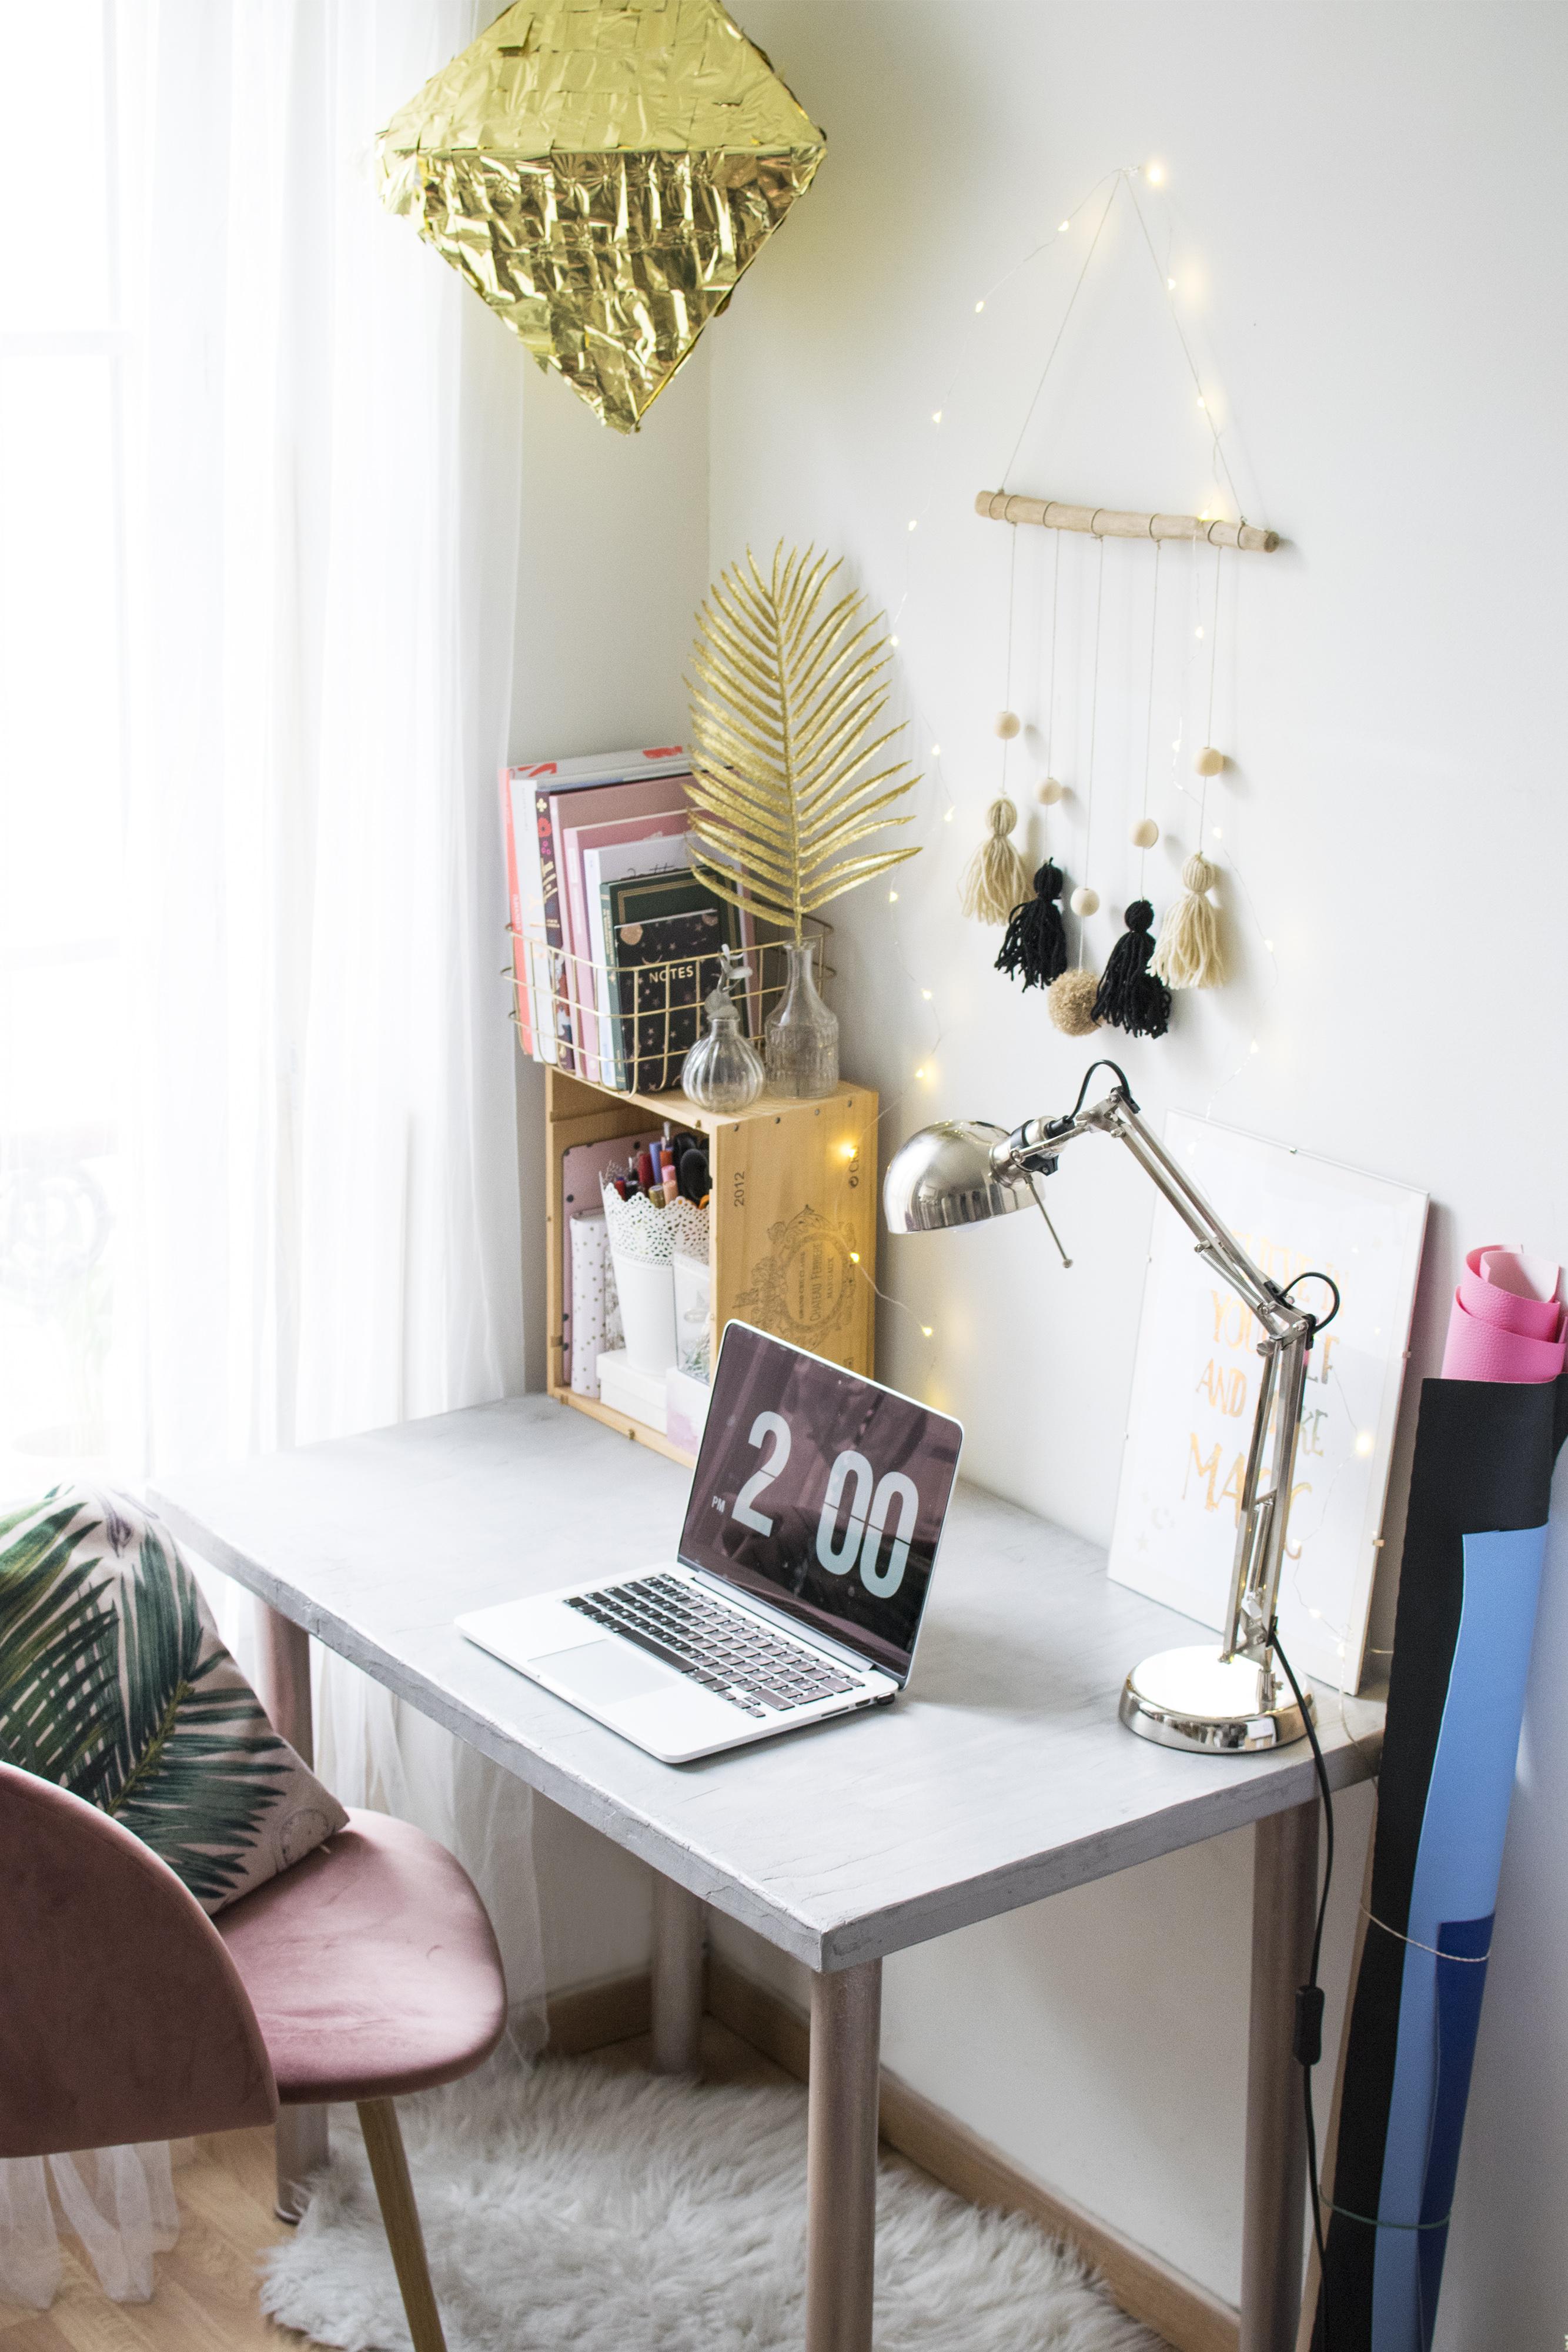 diy bureau en béton avec mollie makes et résinence (+ concours) - c